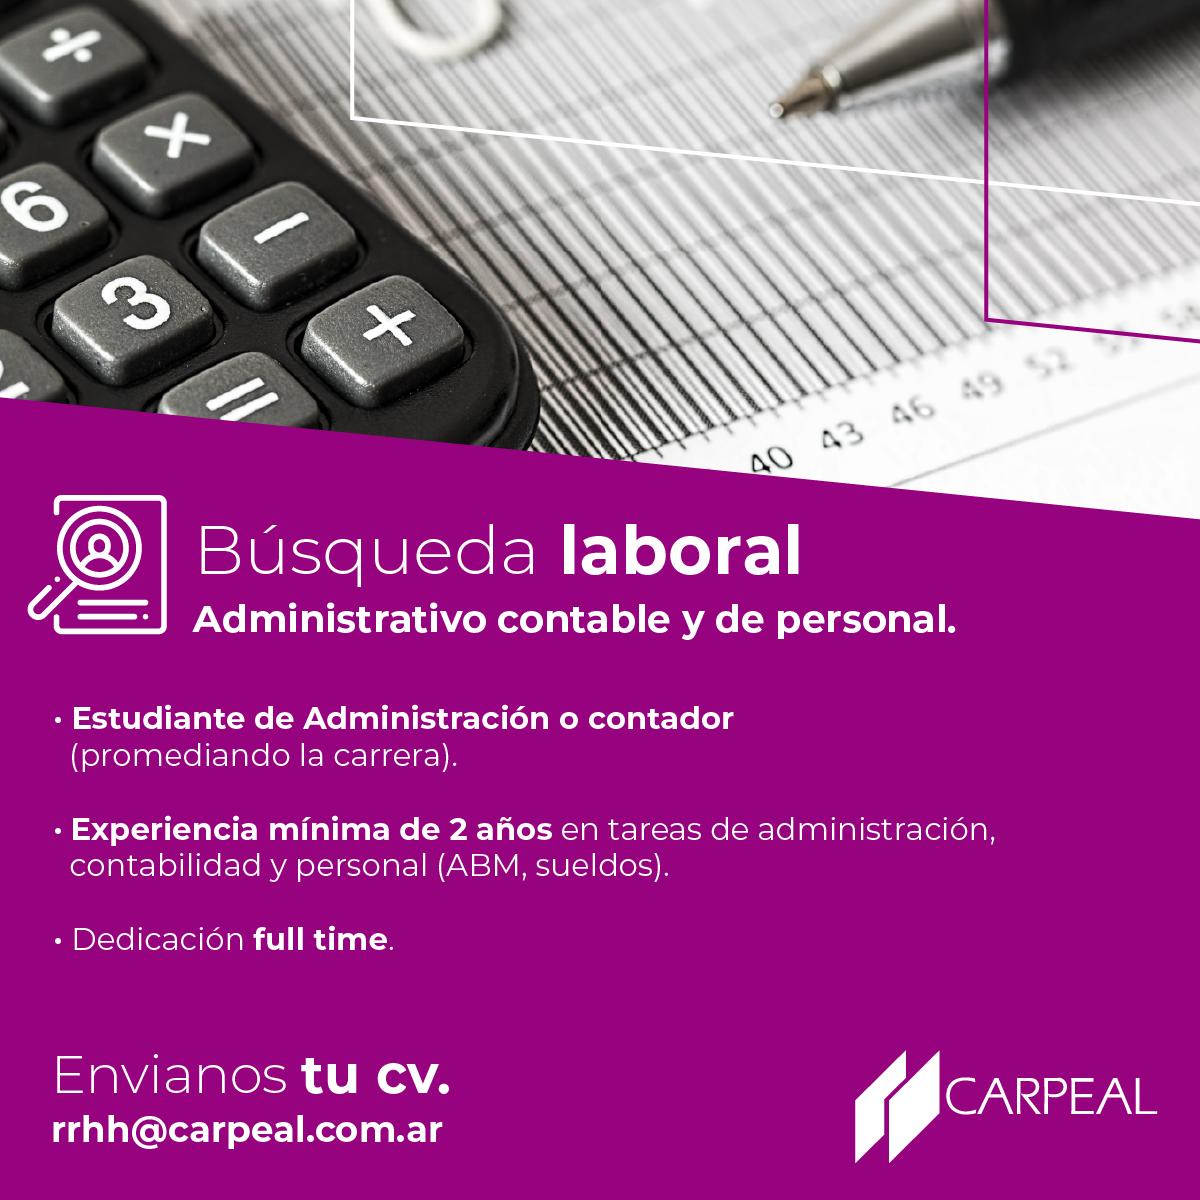 CARPEAL - Búsqueda Laboral - Administrativo contable y de personal.